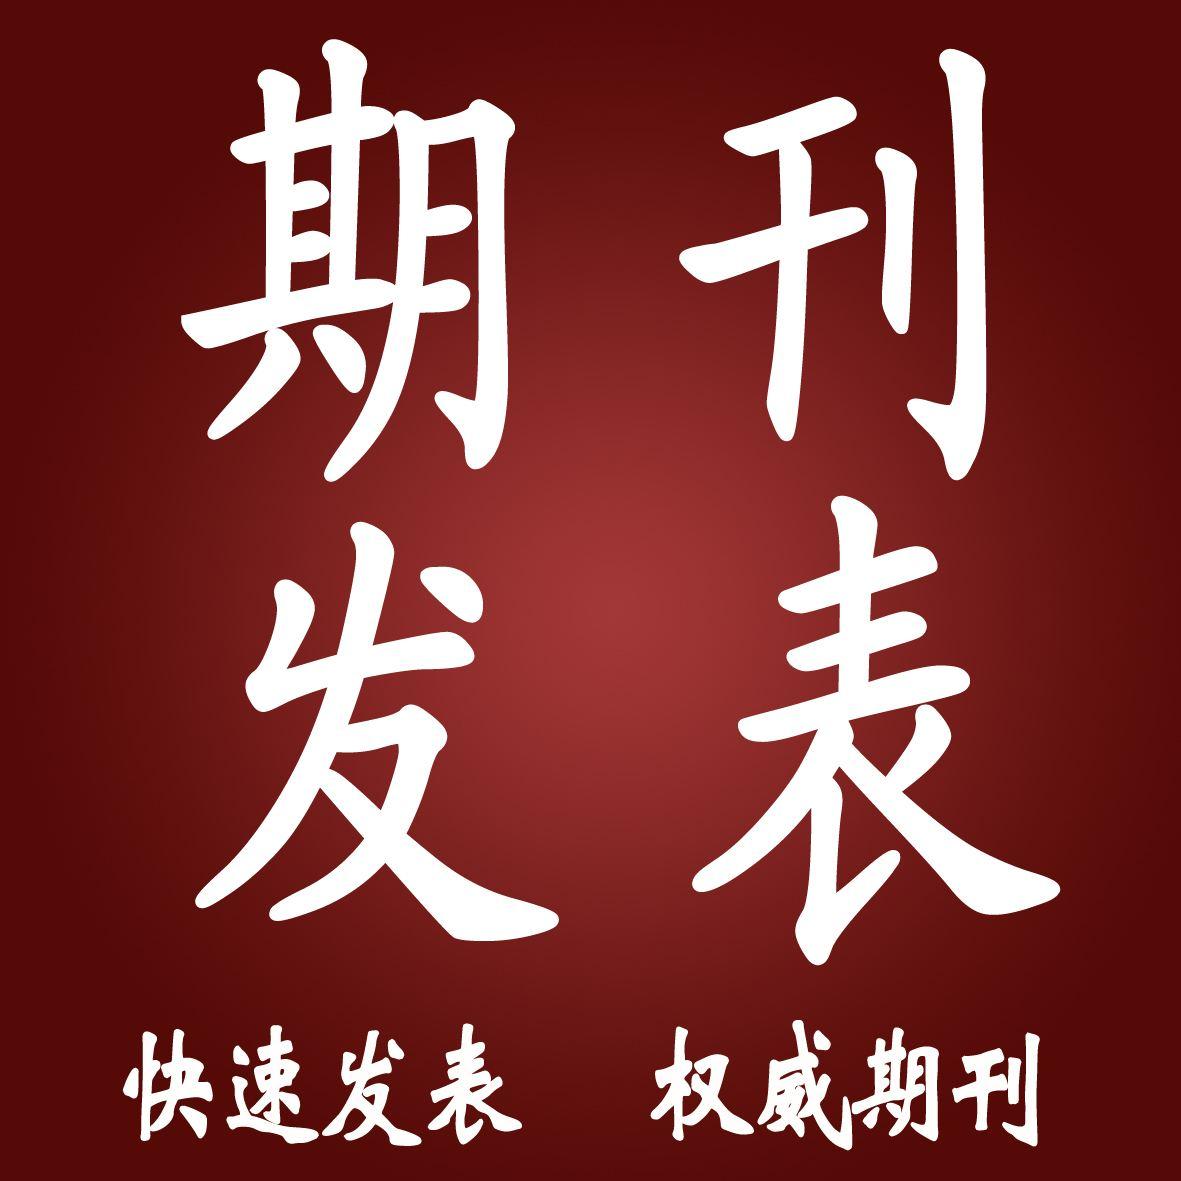 辽宁专业南大核心论文